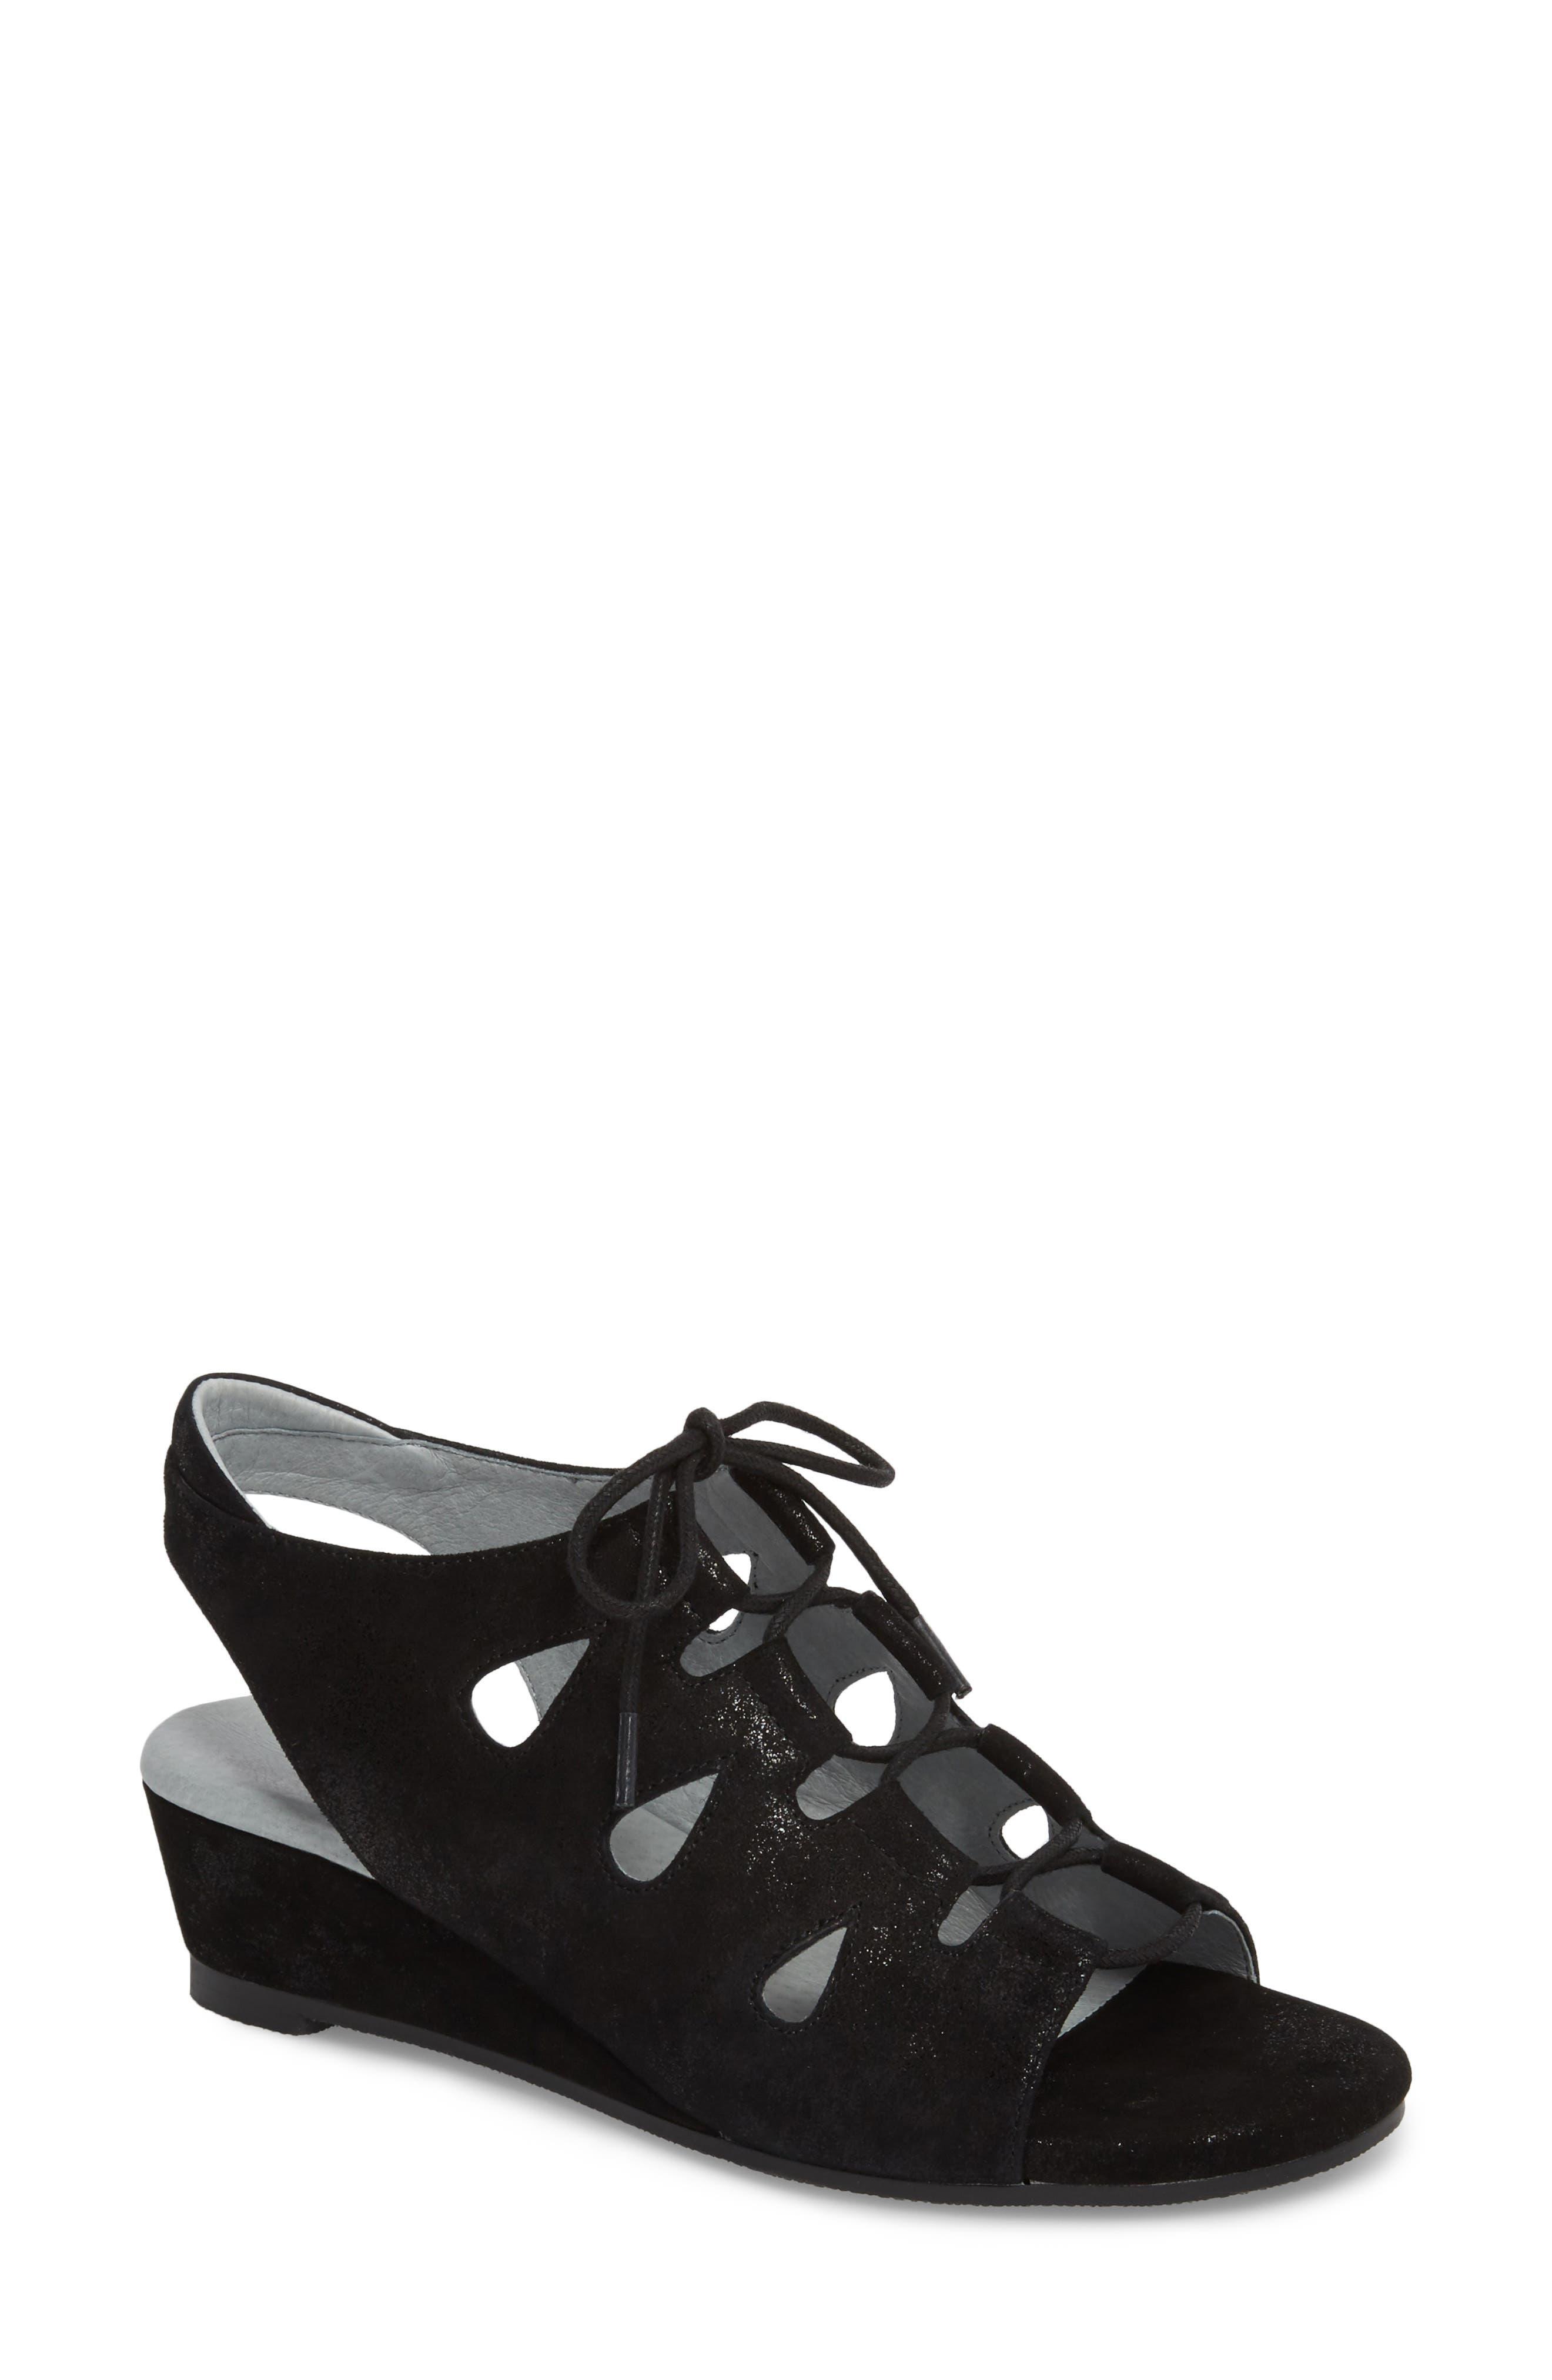 Rich Wedge Sandal,                             Main thumbnail 1, color,                             Black Suede